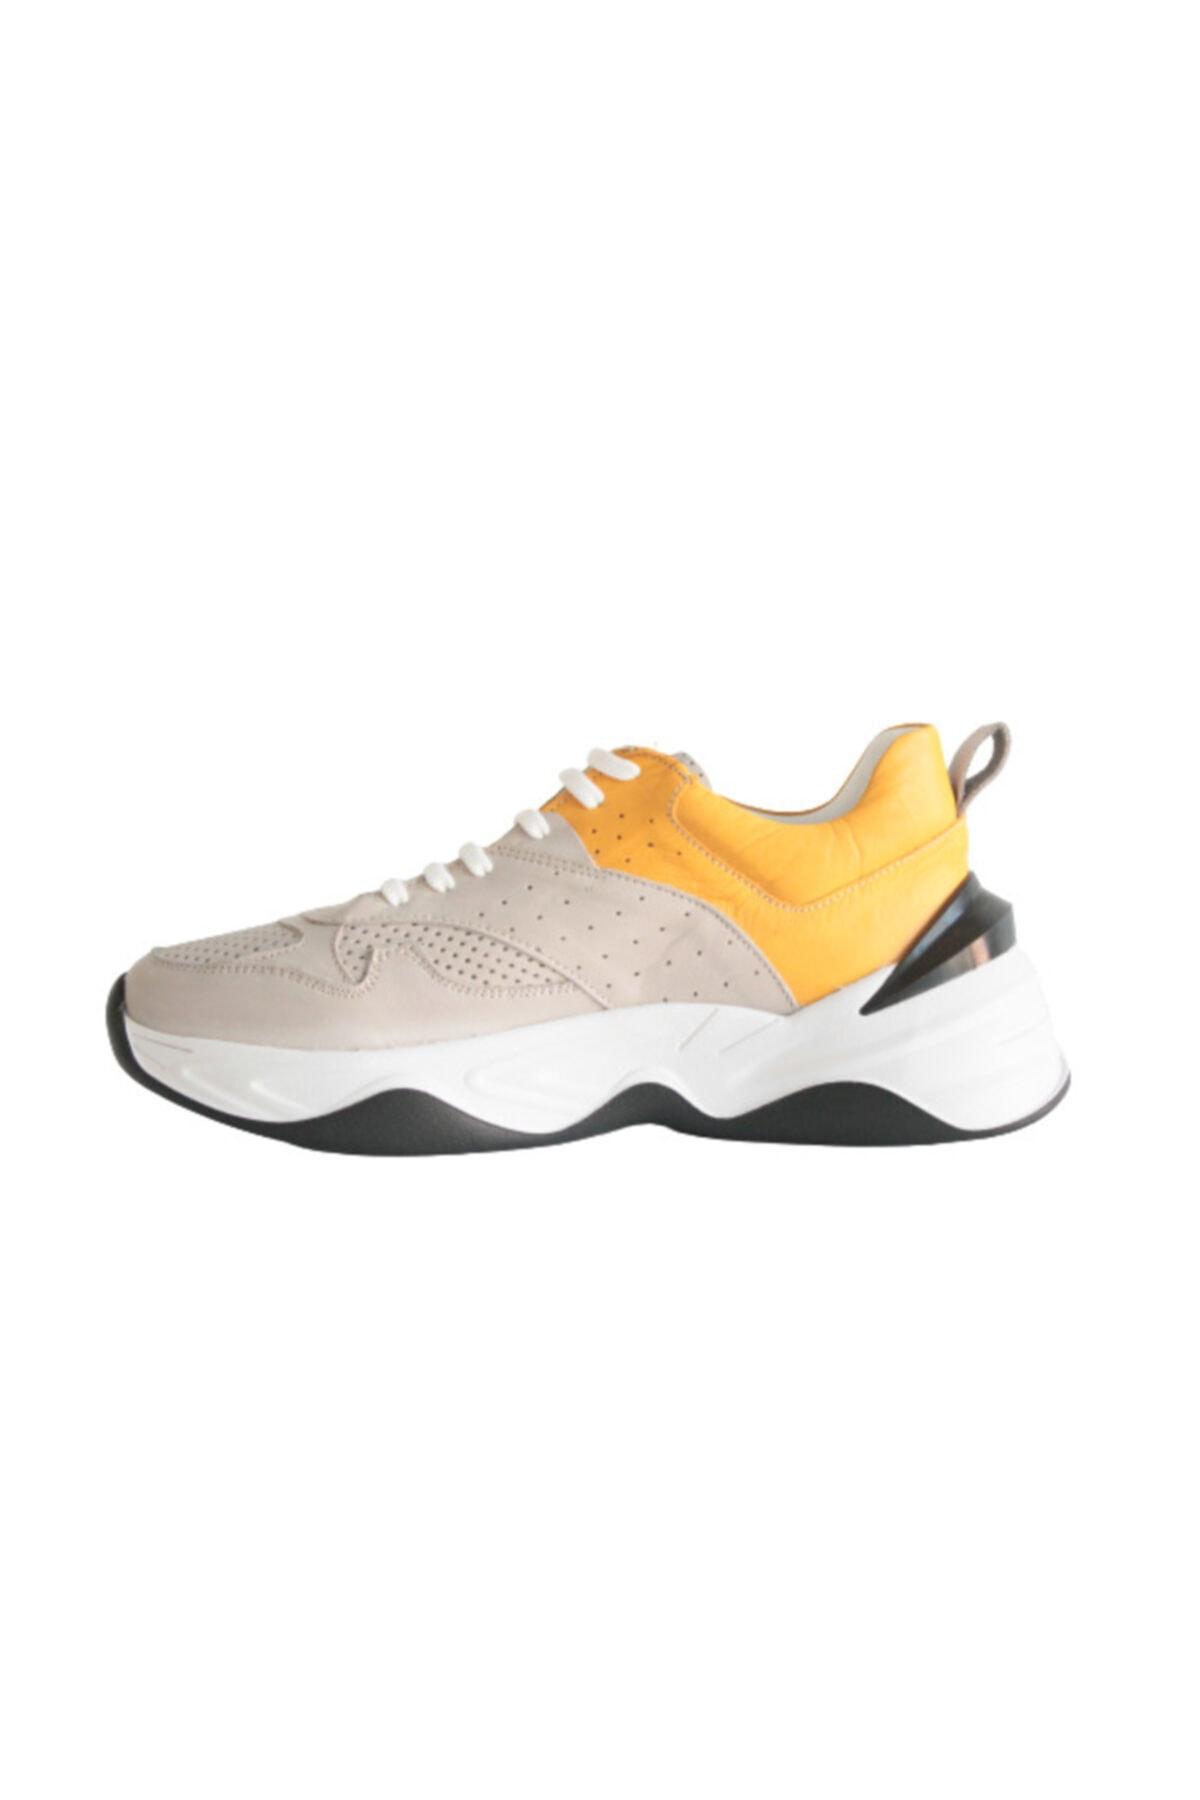 Beta Shoes Sneaker Spor Ayakkabı Hakiki Deri Kadın Gri - Hardal 2